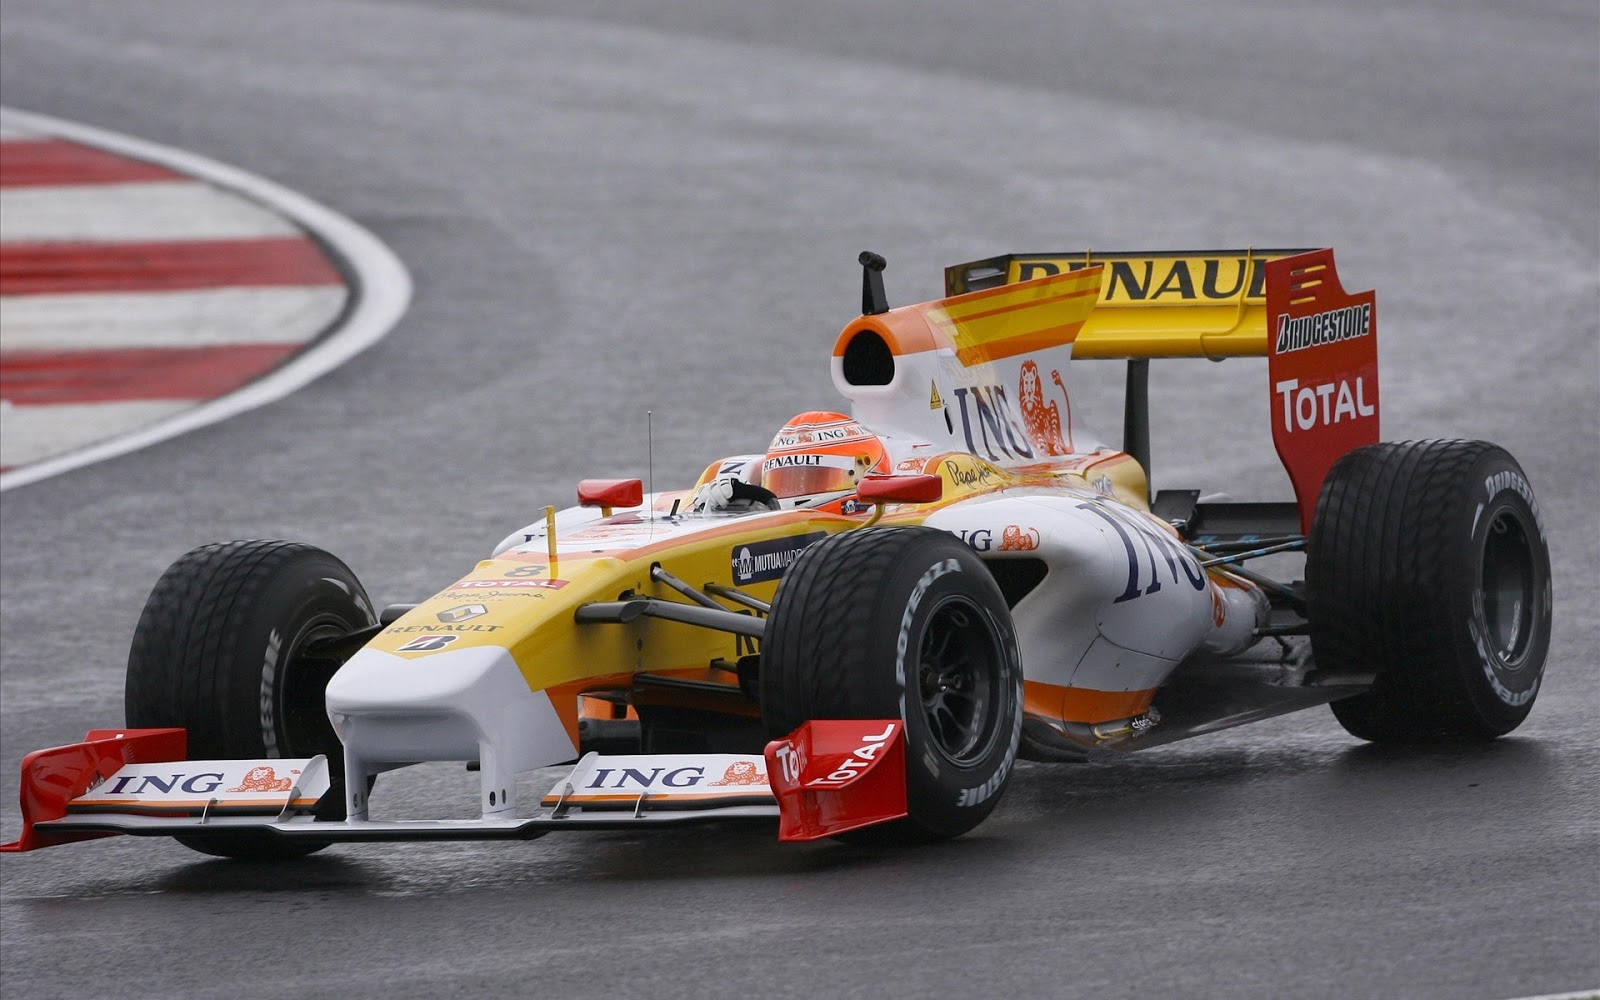 http://2.bp.blogspot.com/-gGaedmwHYgo/UKFGNukEwWI/AAAAAAAAC5E/1tqtafFzcQk/s1600/2012-11-12-Formula-One-Wallpapers-02-(carwalls.blogspot.com).jpg